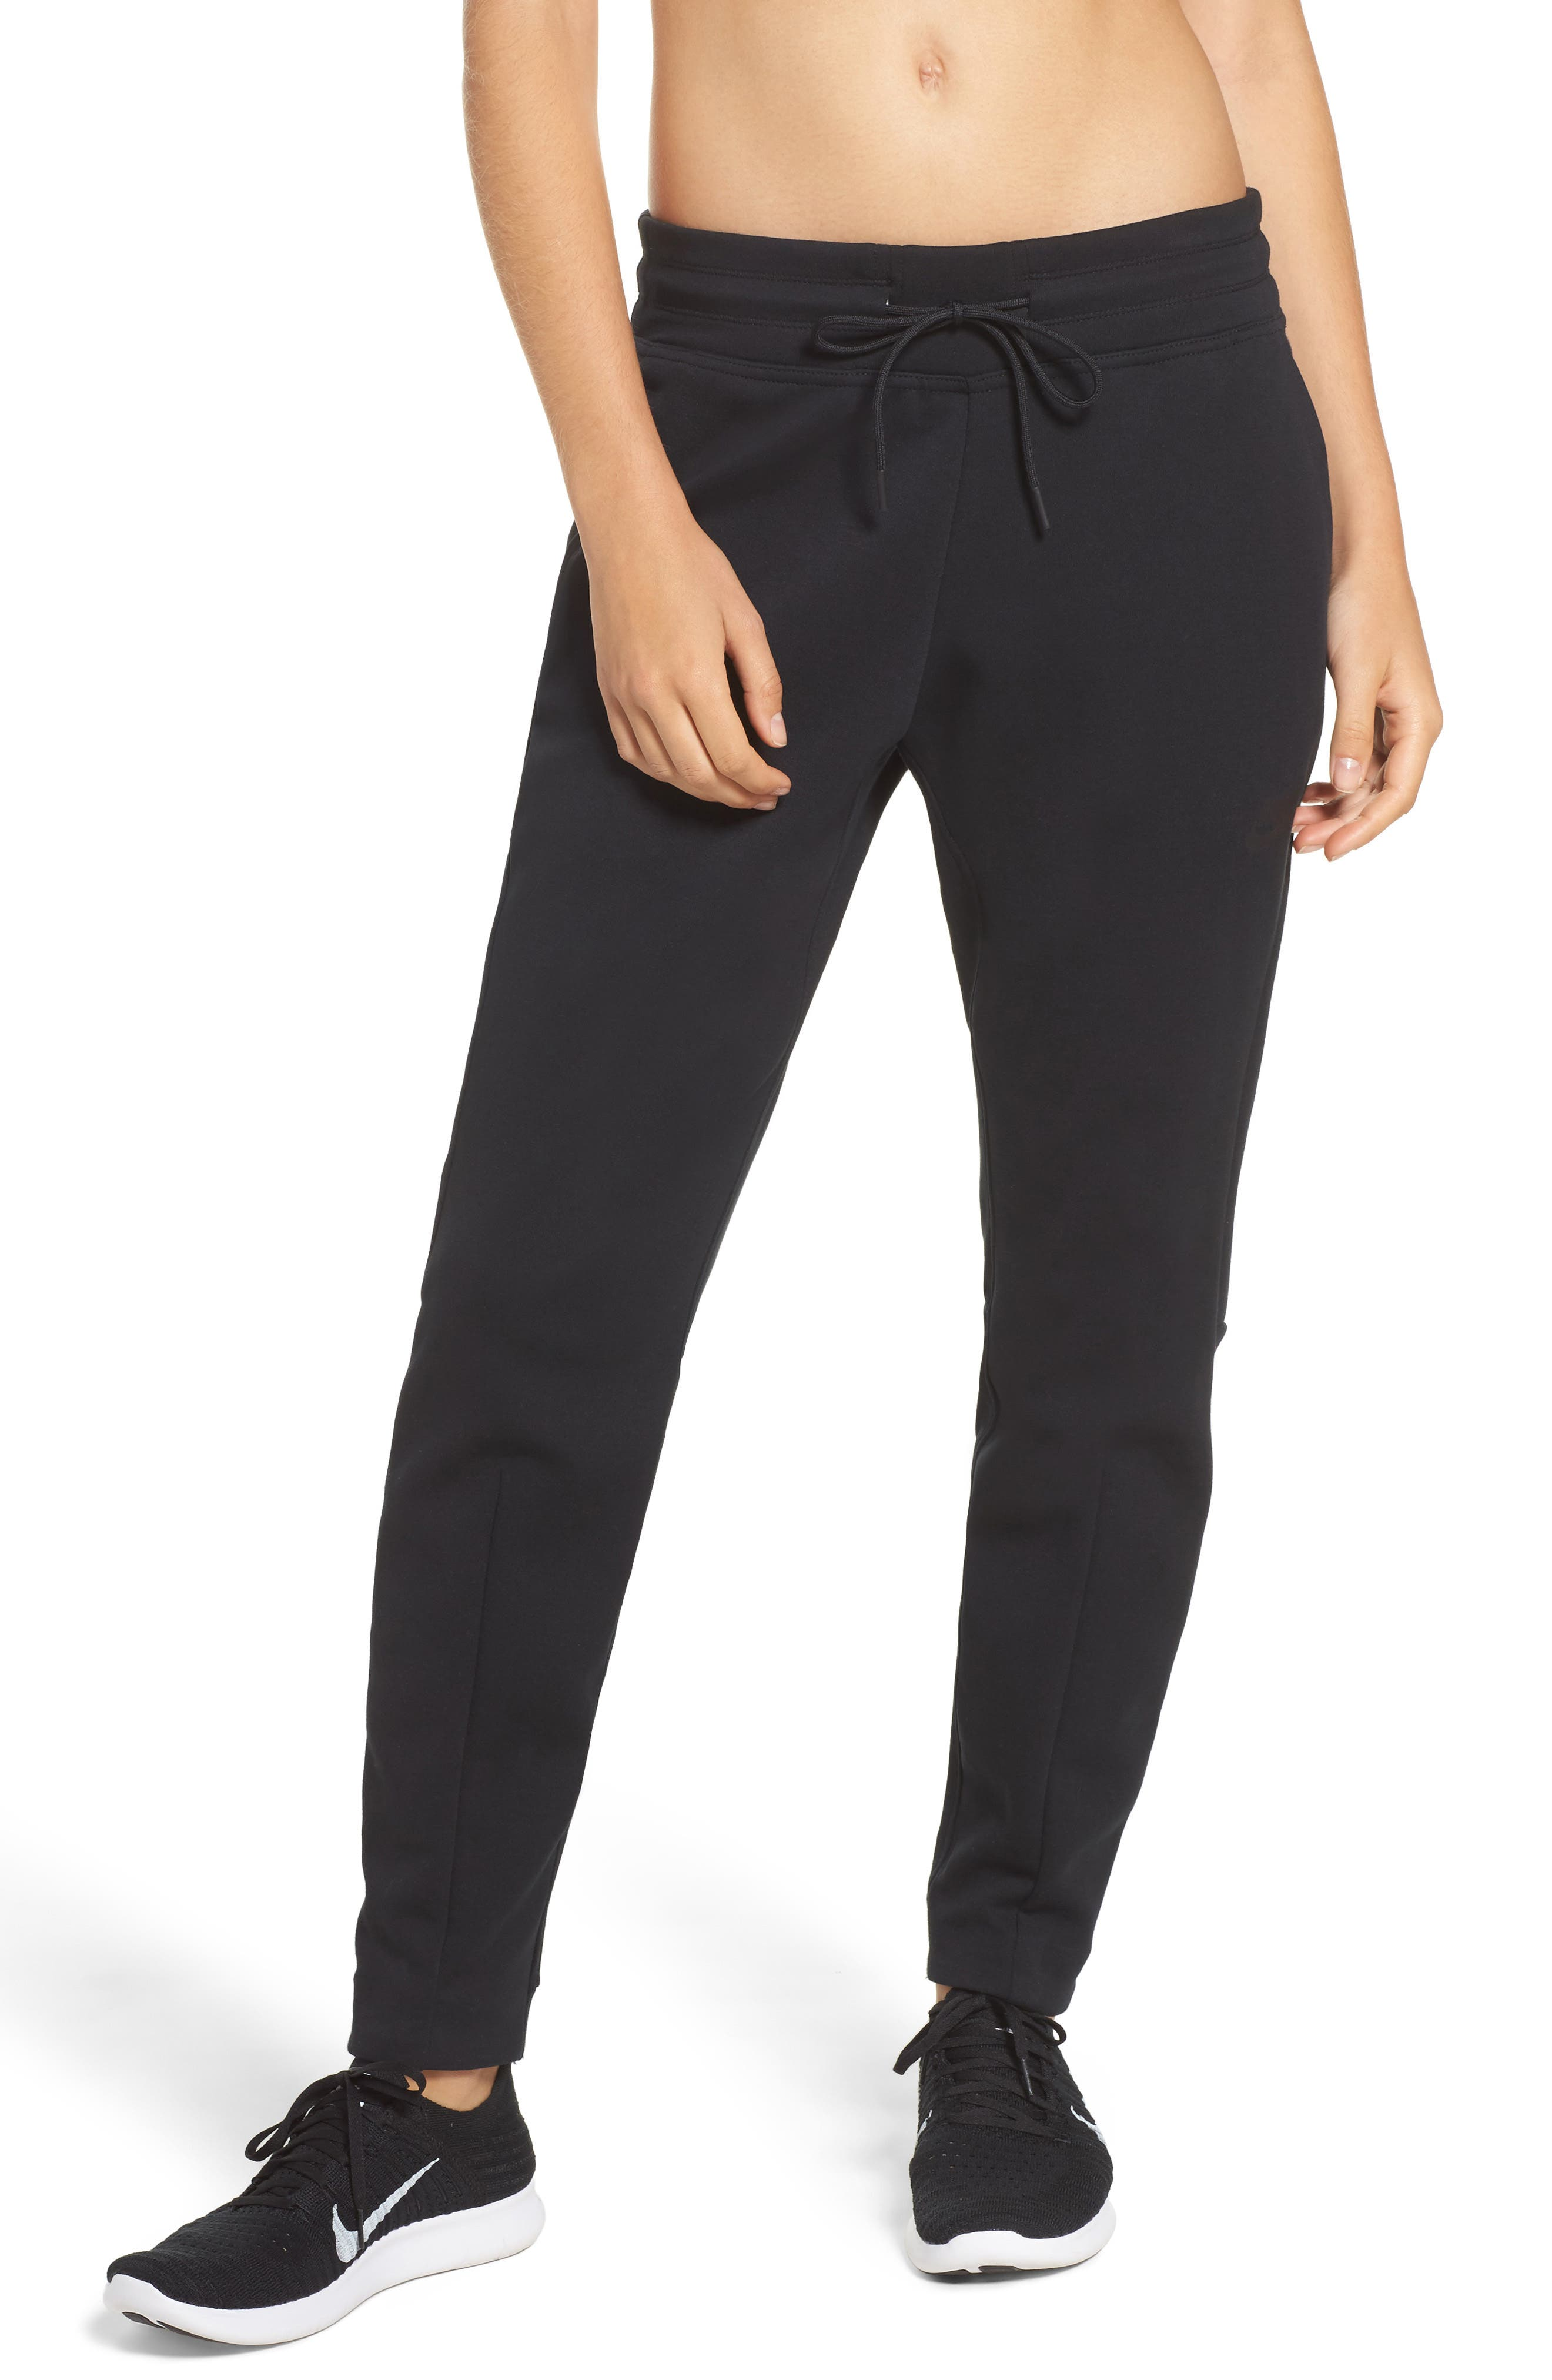 Sportswear Women's Tech Fleece Pants,                         Main,                         color, Black/ Black